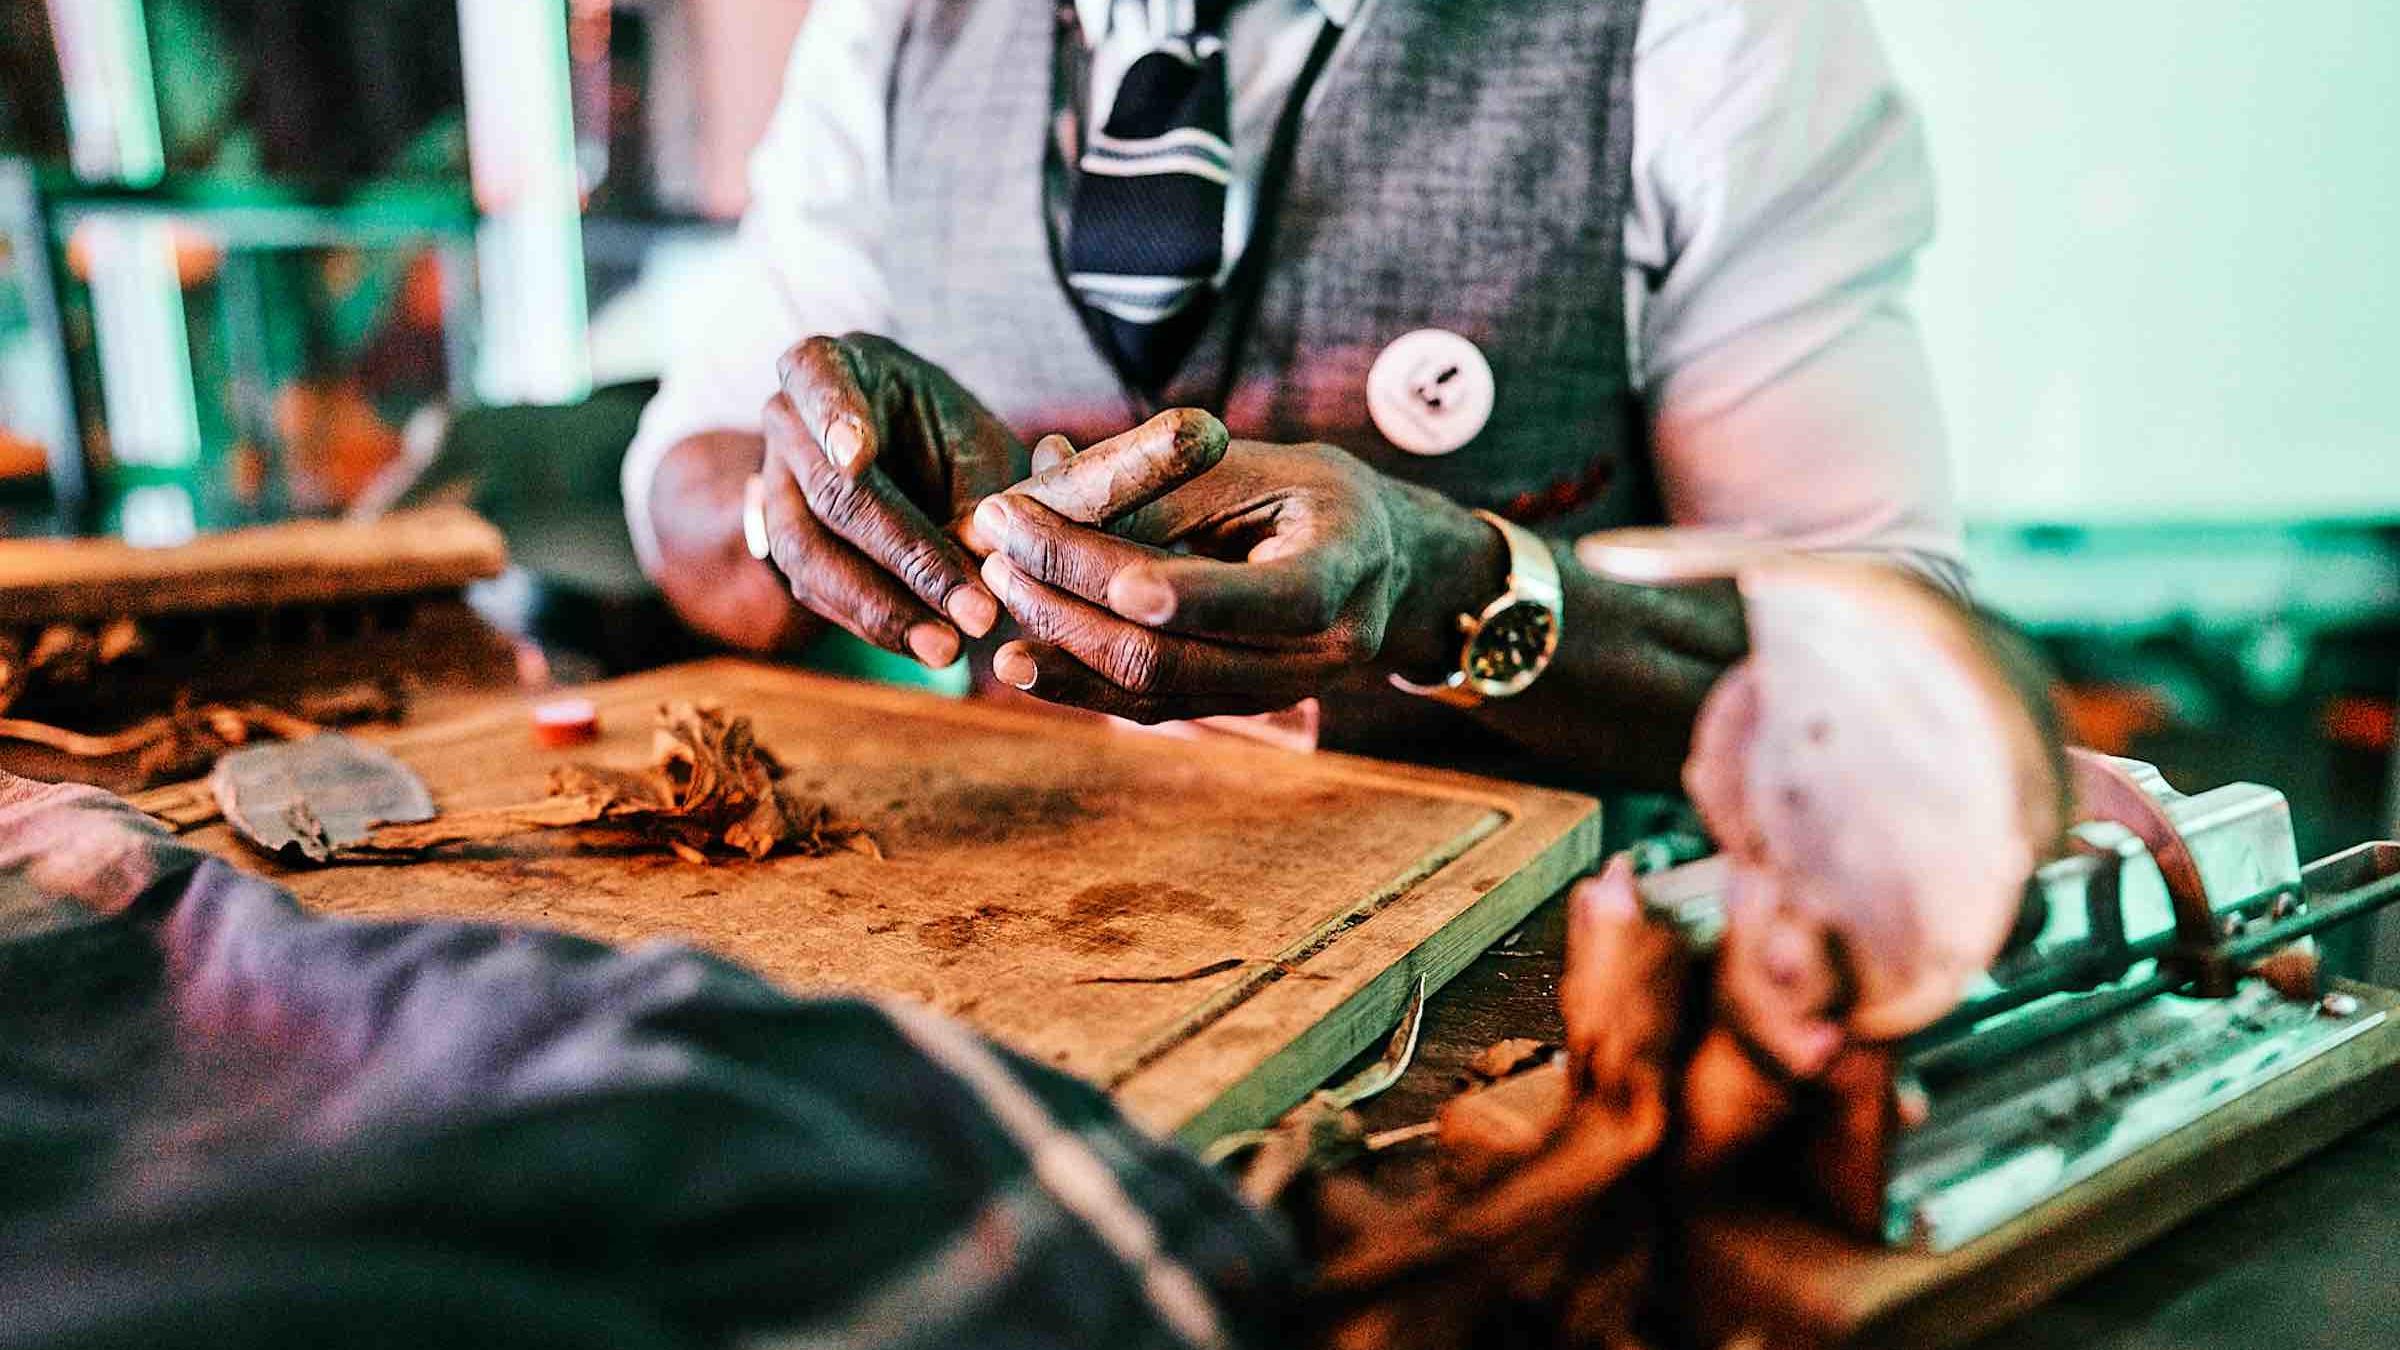 Zigarrenroller| Partner | Zigarrenroller | Tabakroller | Zigarrendreher |Buchen | Mieten |Anfragen